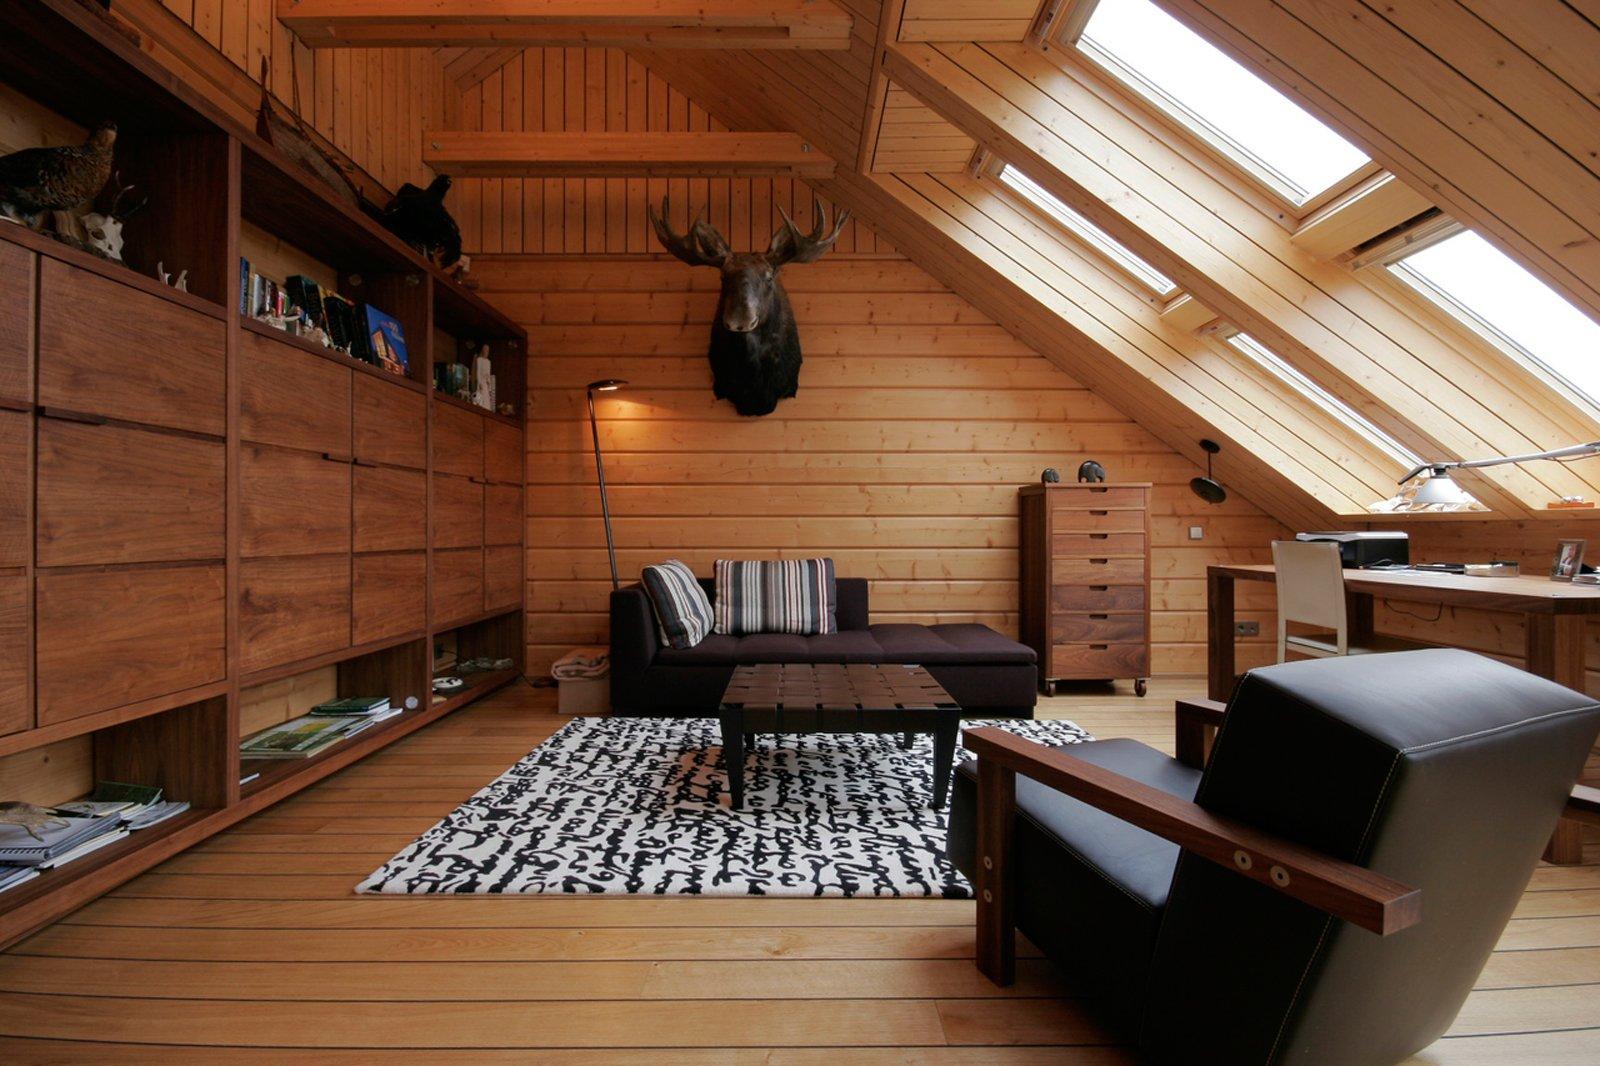 Mansarda effetto legno cose di casa for Immagini di case arredate